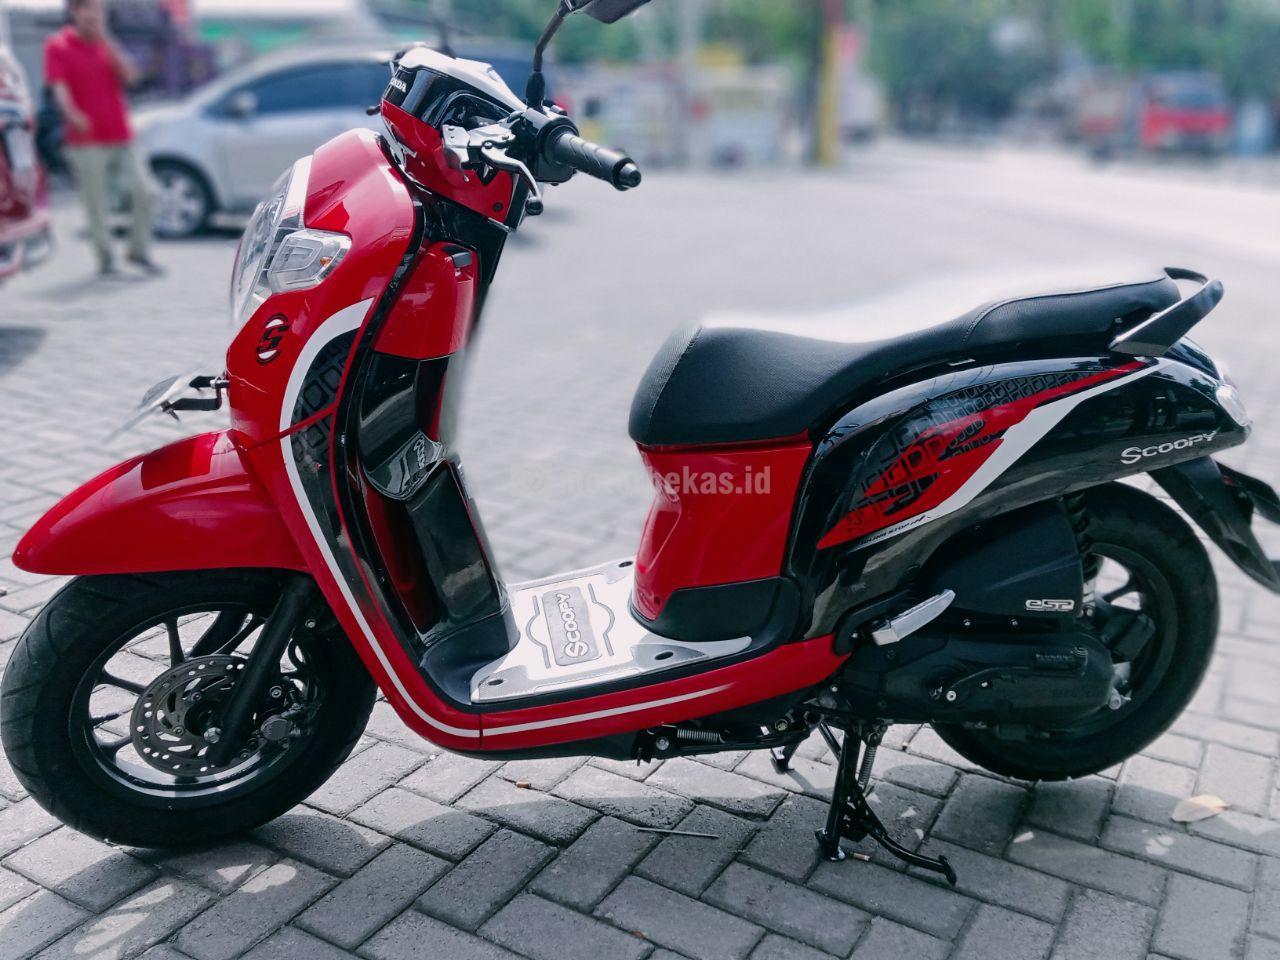 HONDA SCOOPY  3305 motorbekas.id